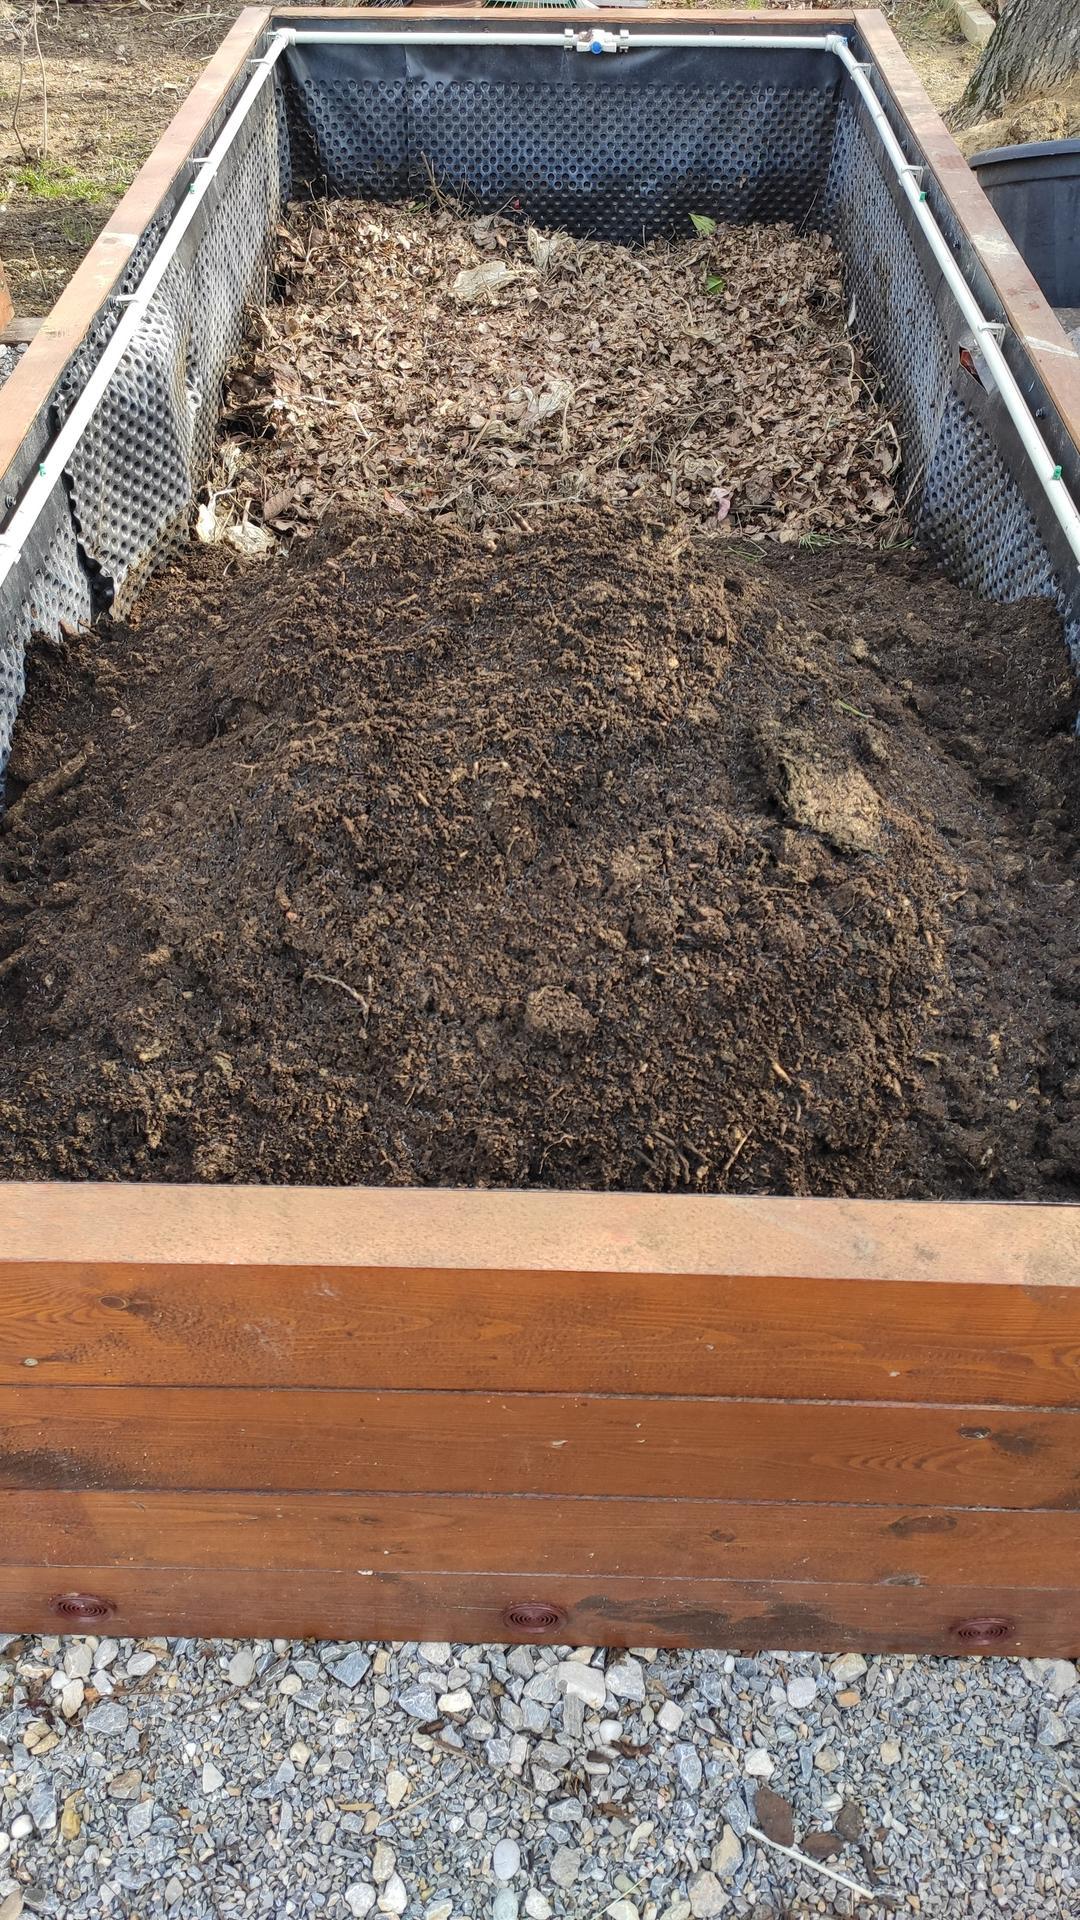 Vyvýšené záhony a úžitková záhrada - sezóna 2021 ... príprava, sadenie, starostlivosť - Obrázok č. 14